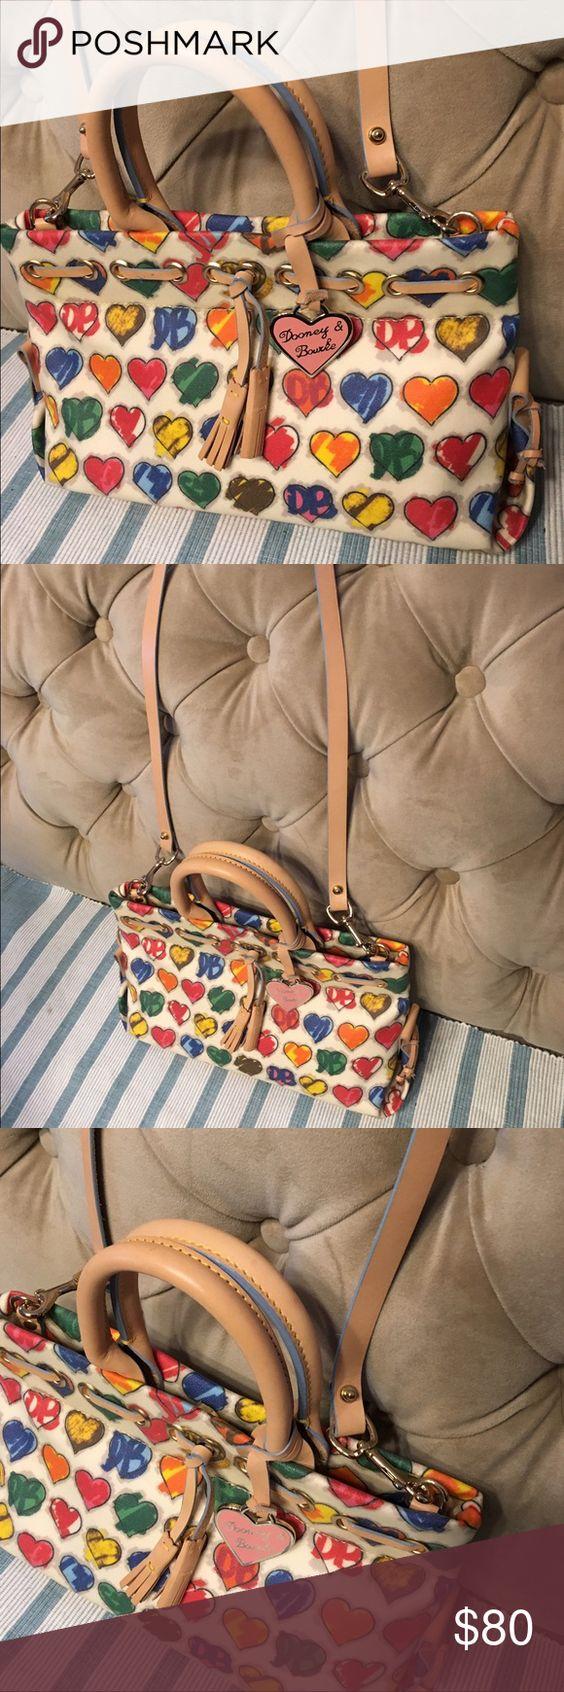 Dooney and Bourke handbag New Dooney and Bourke handbag with strap Dooney & Bourke Bags Crossbody Bags